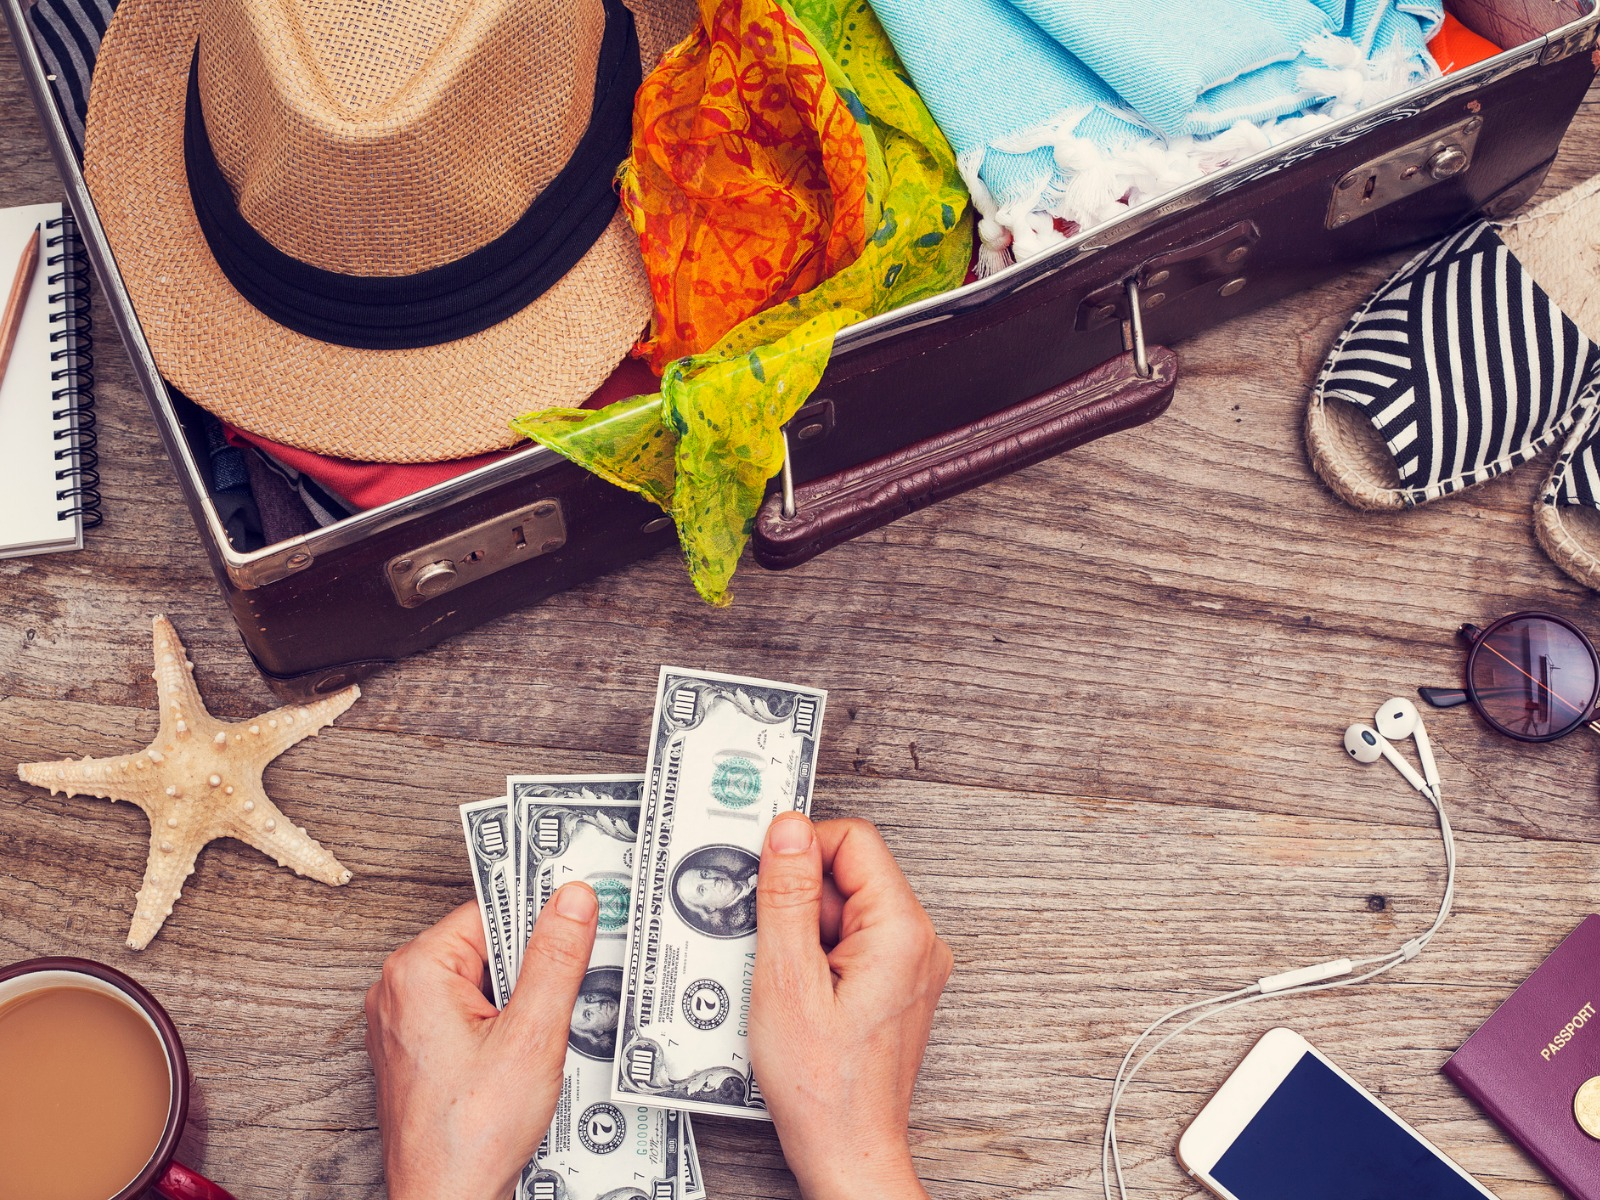 パラオ観光の費用・旅費・予算まとめ|飛行機代・ホテル代・食費・ツアー代など